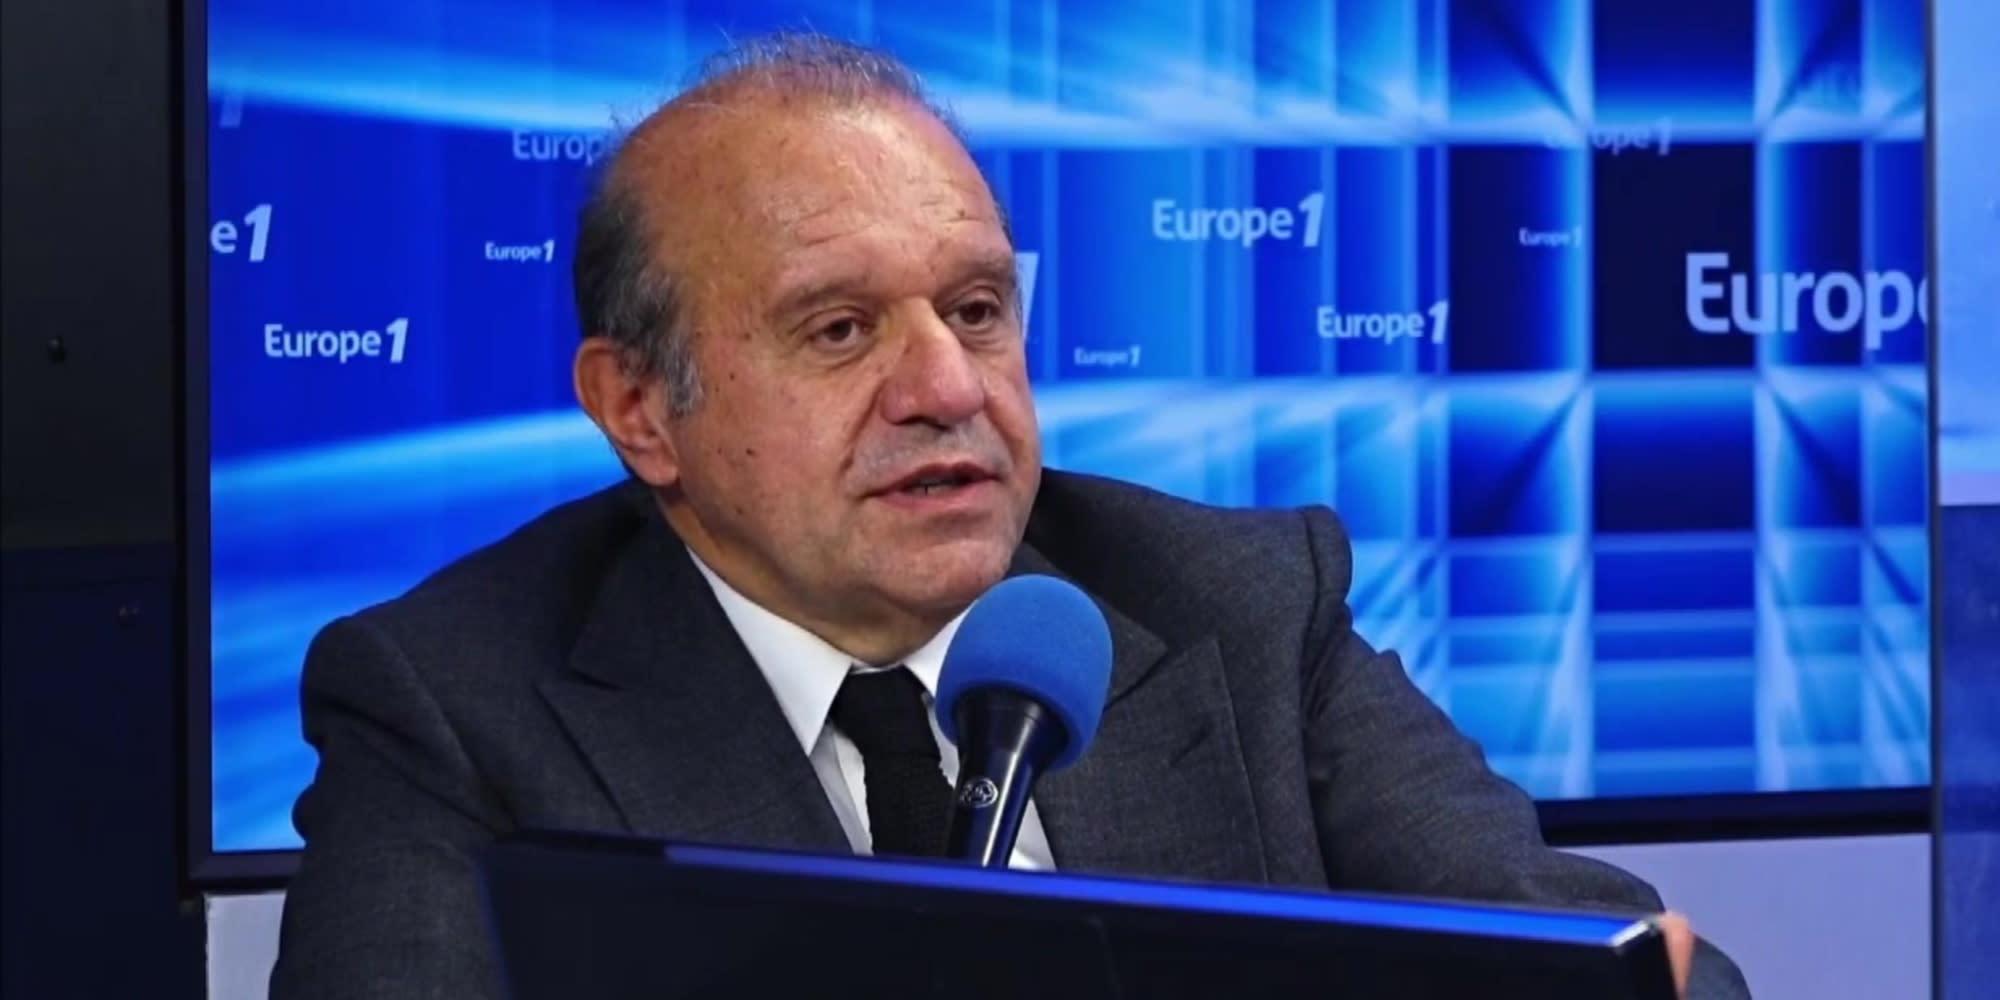 L'avocat pénaliste Hervé Temime est l'invité d'Europe 1 mercredi à 8h15